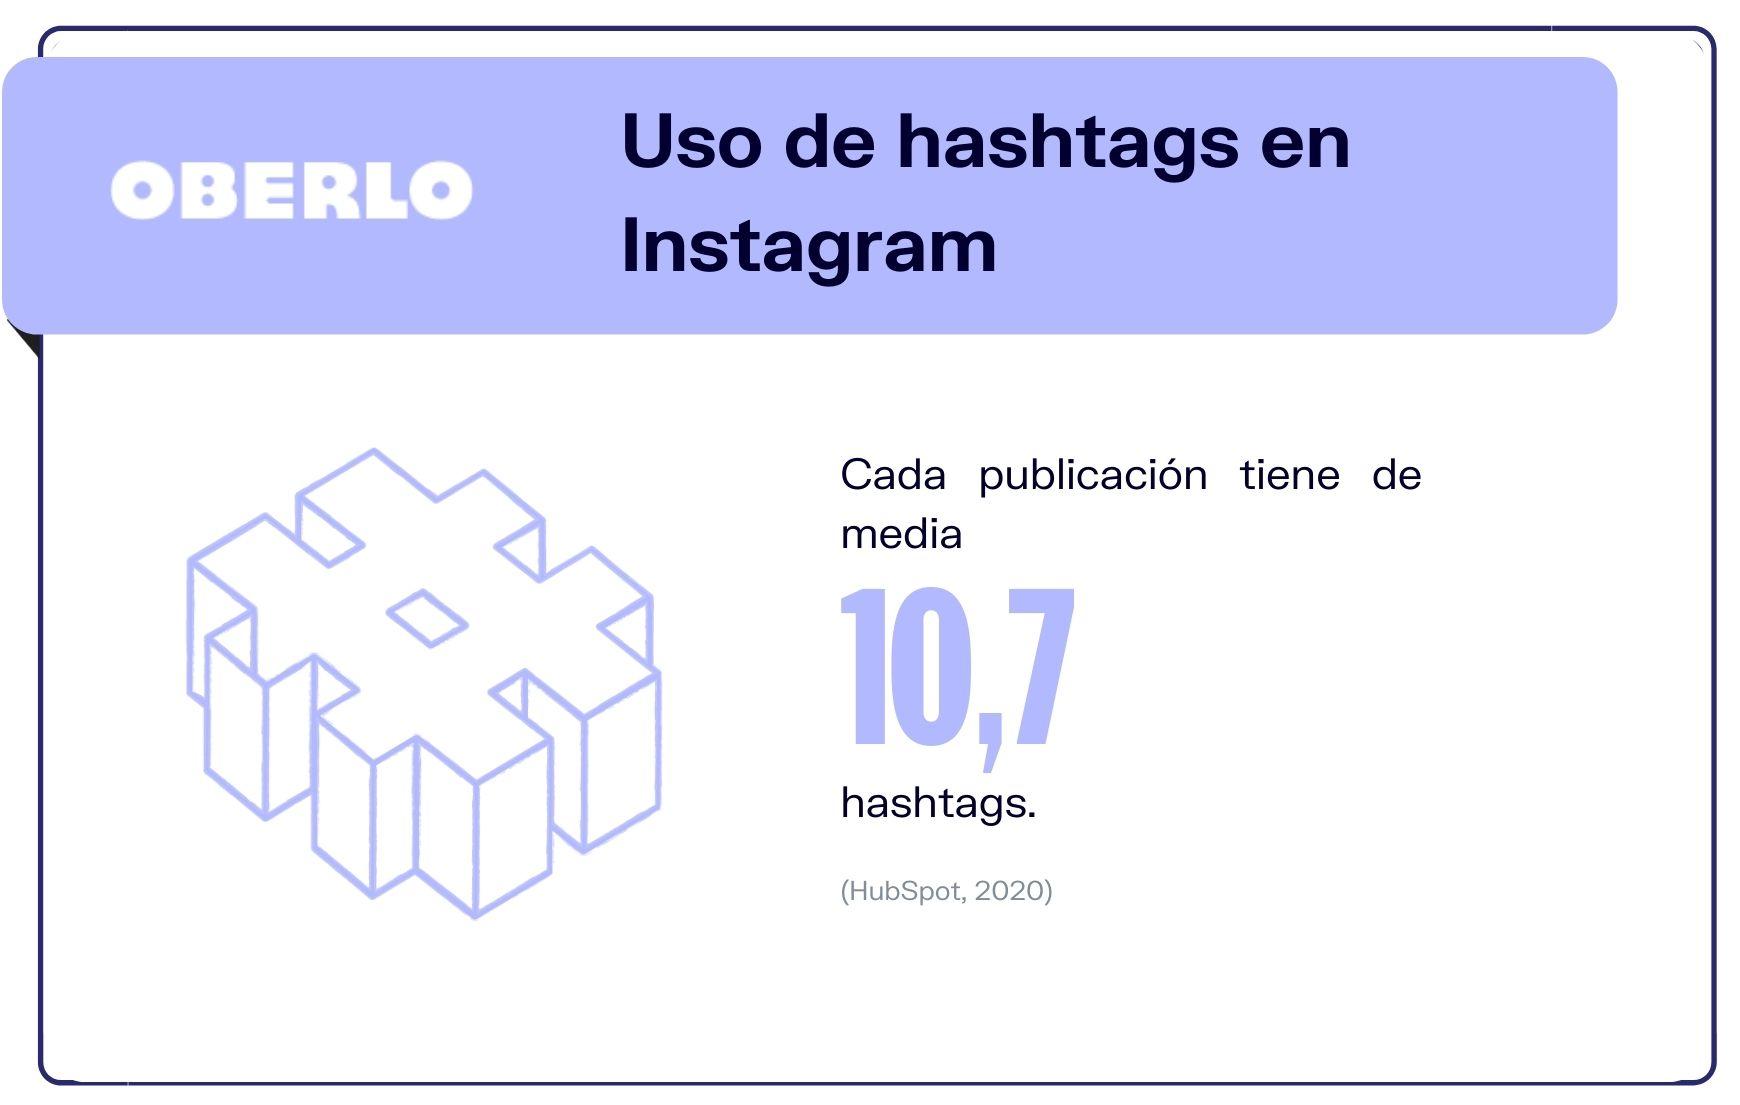 2. Uso de hashtag en instagram